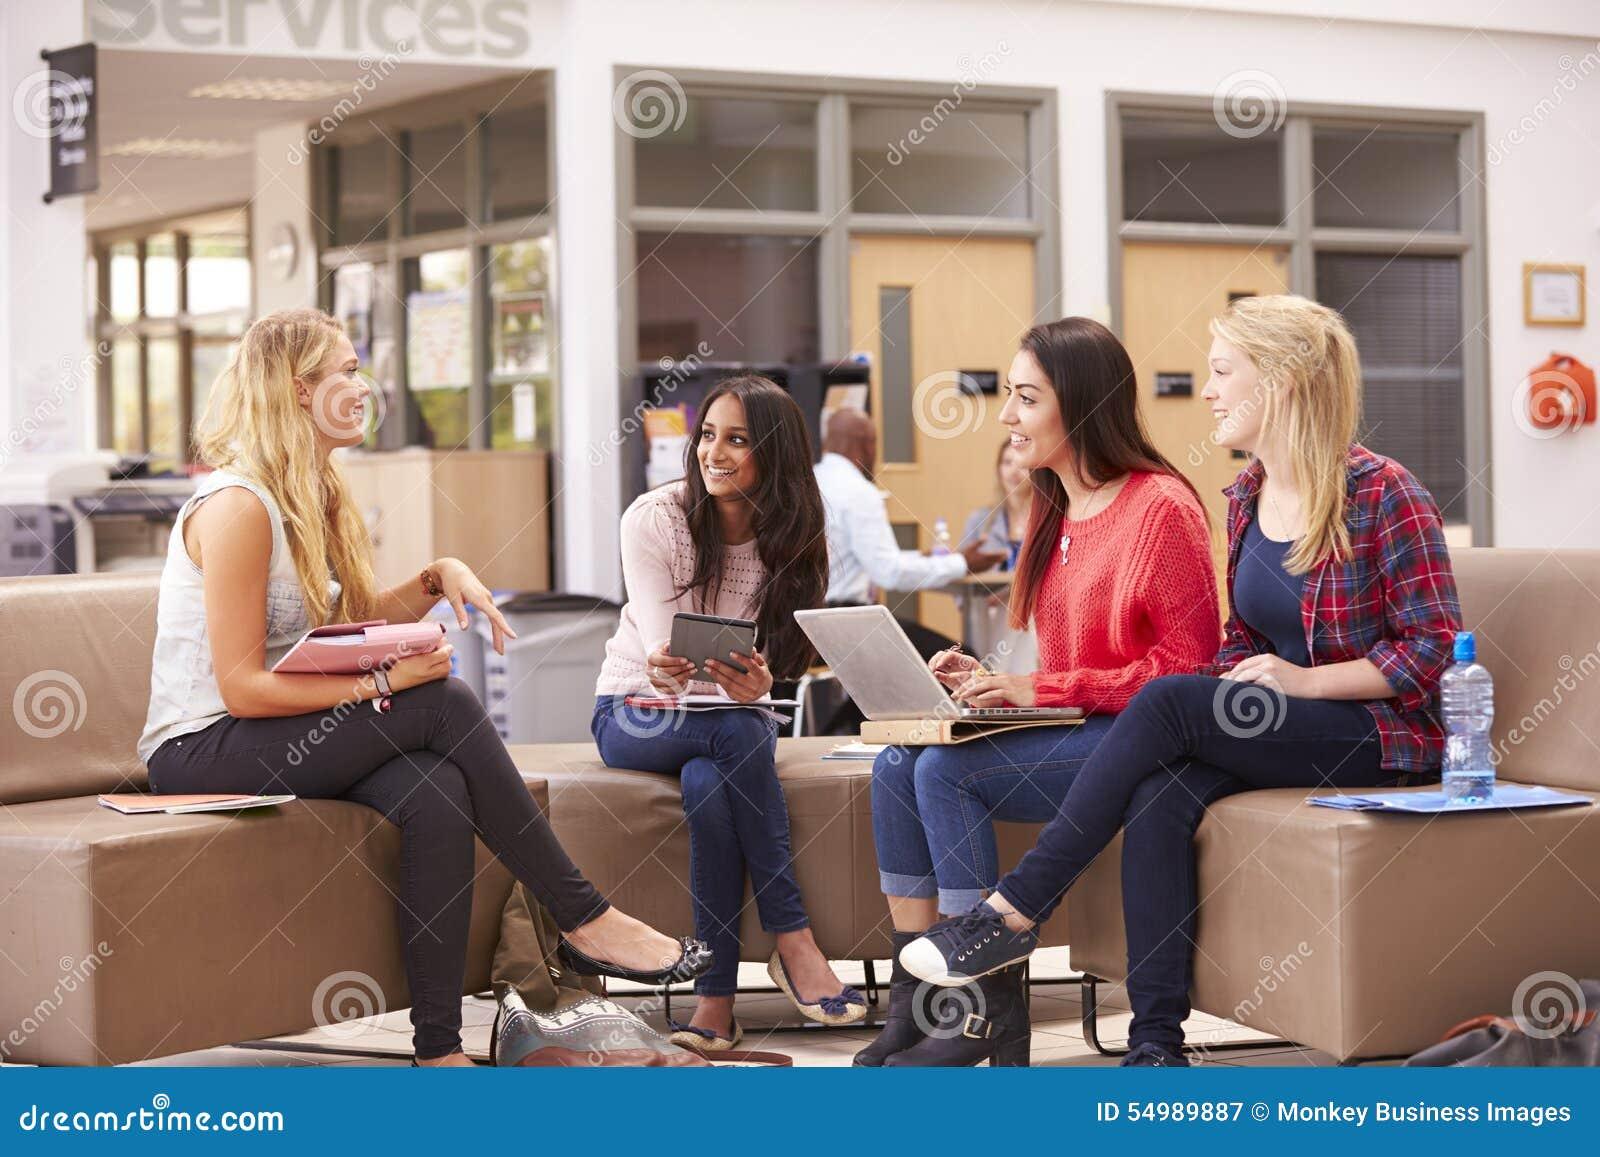 Kvinnliga högskolestudenter som tillsammans sitter och talar